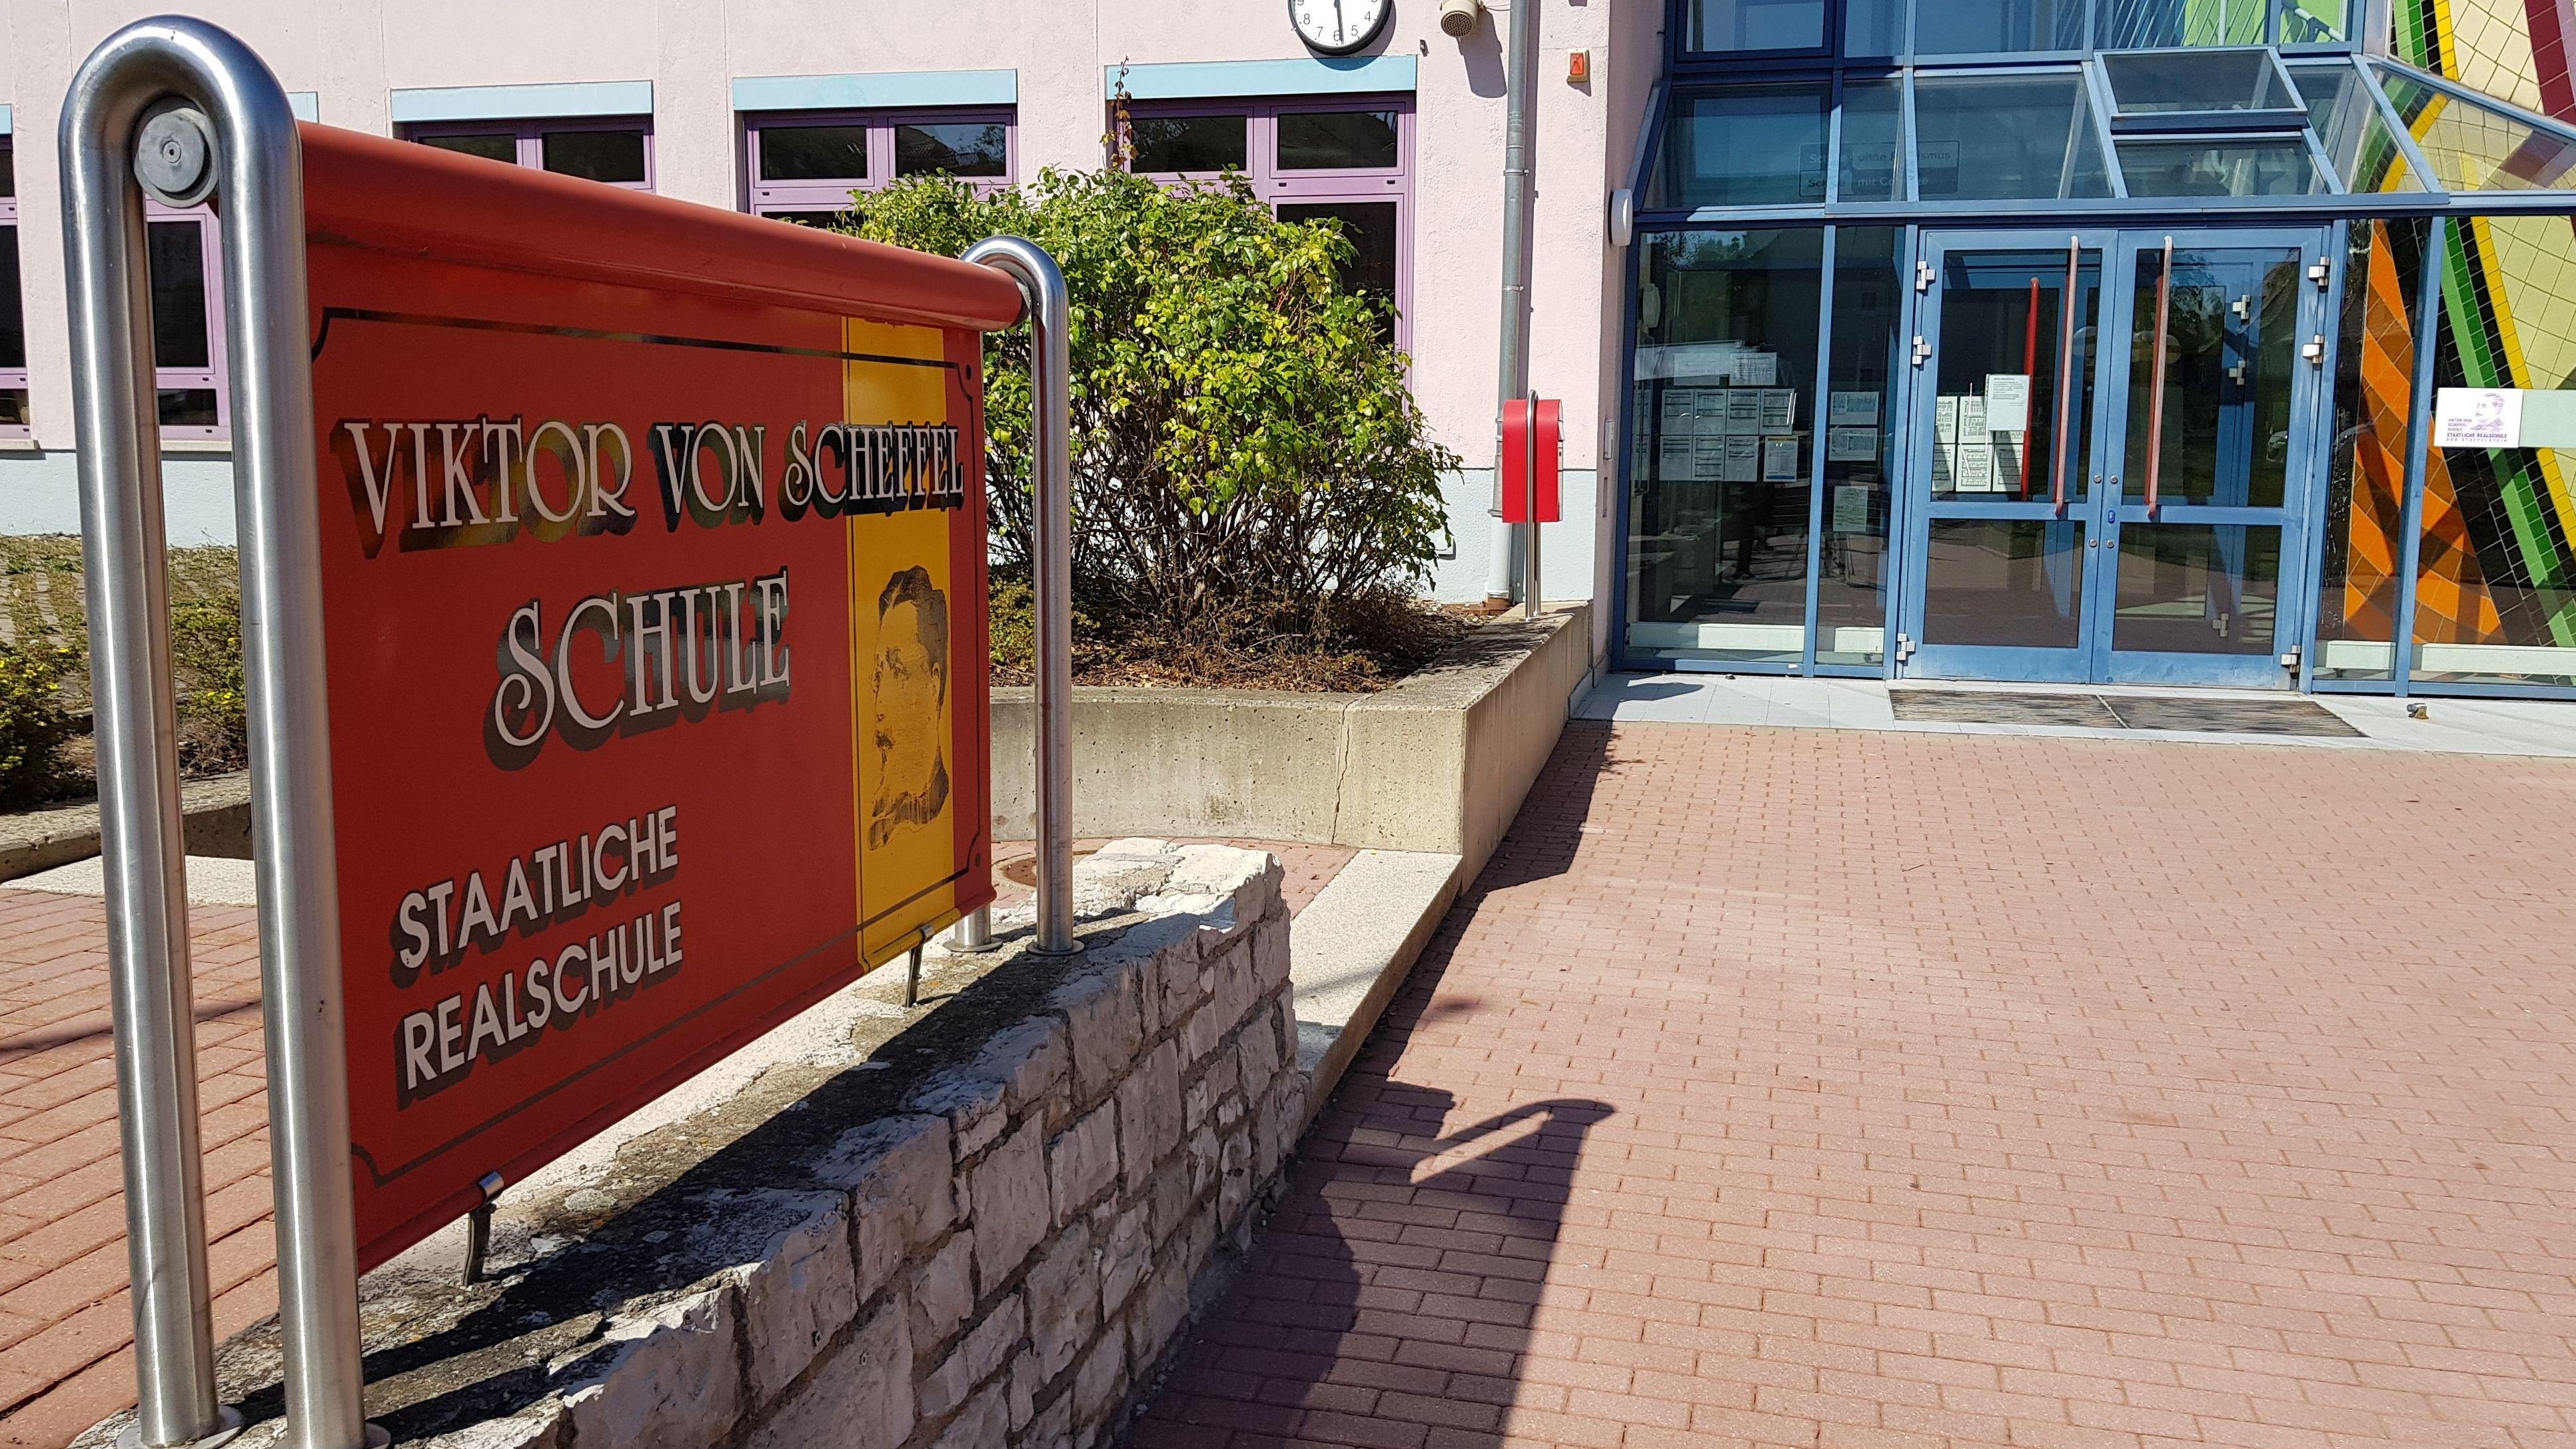 Der Eingang der Viktor von Scheffel Realschule